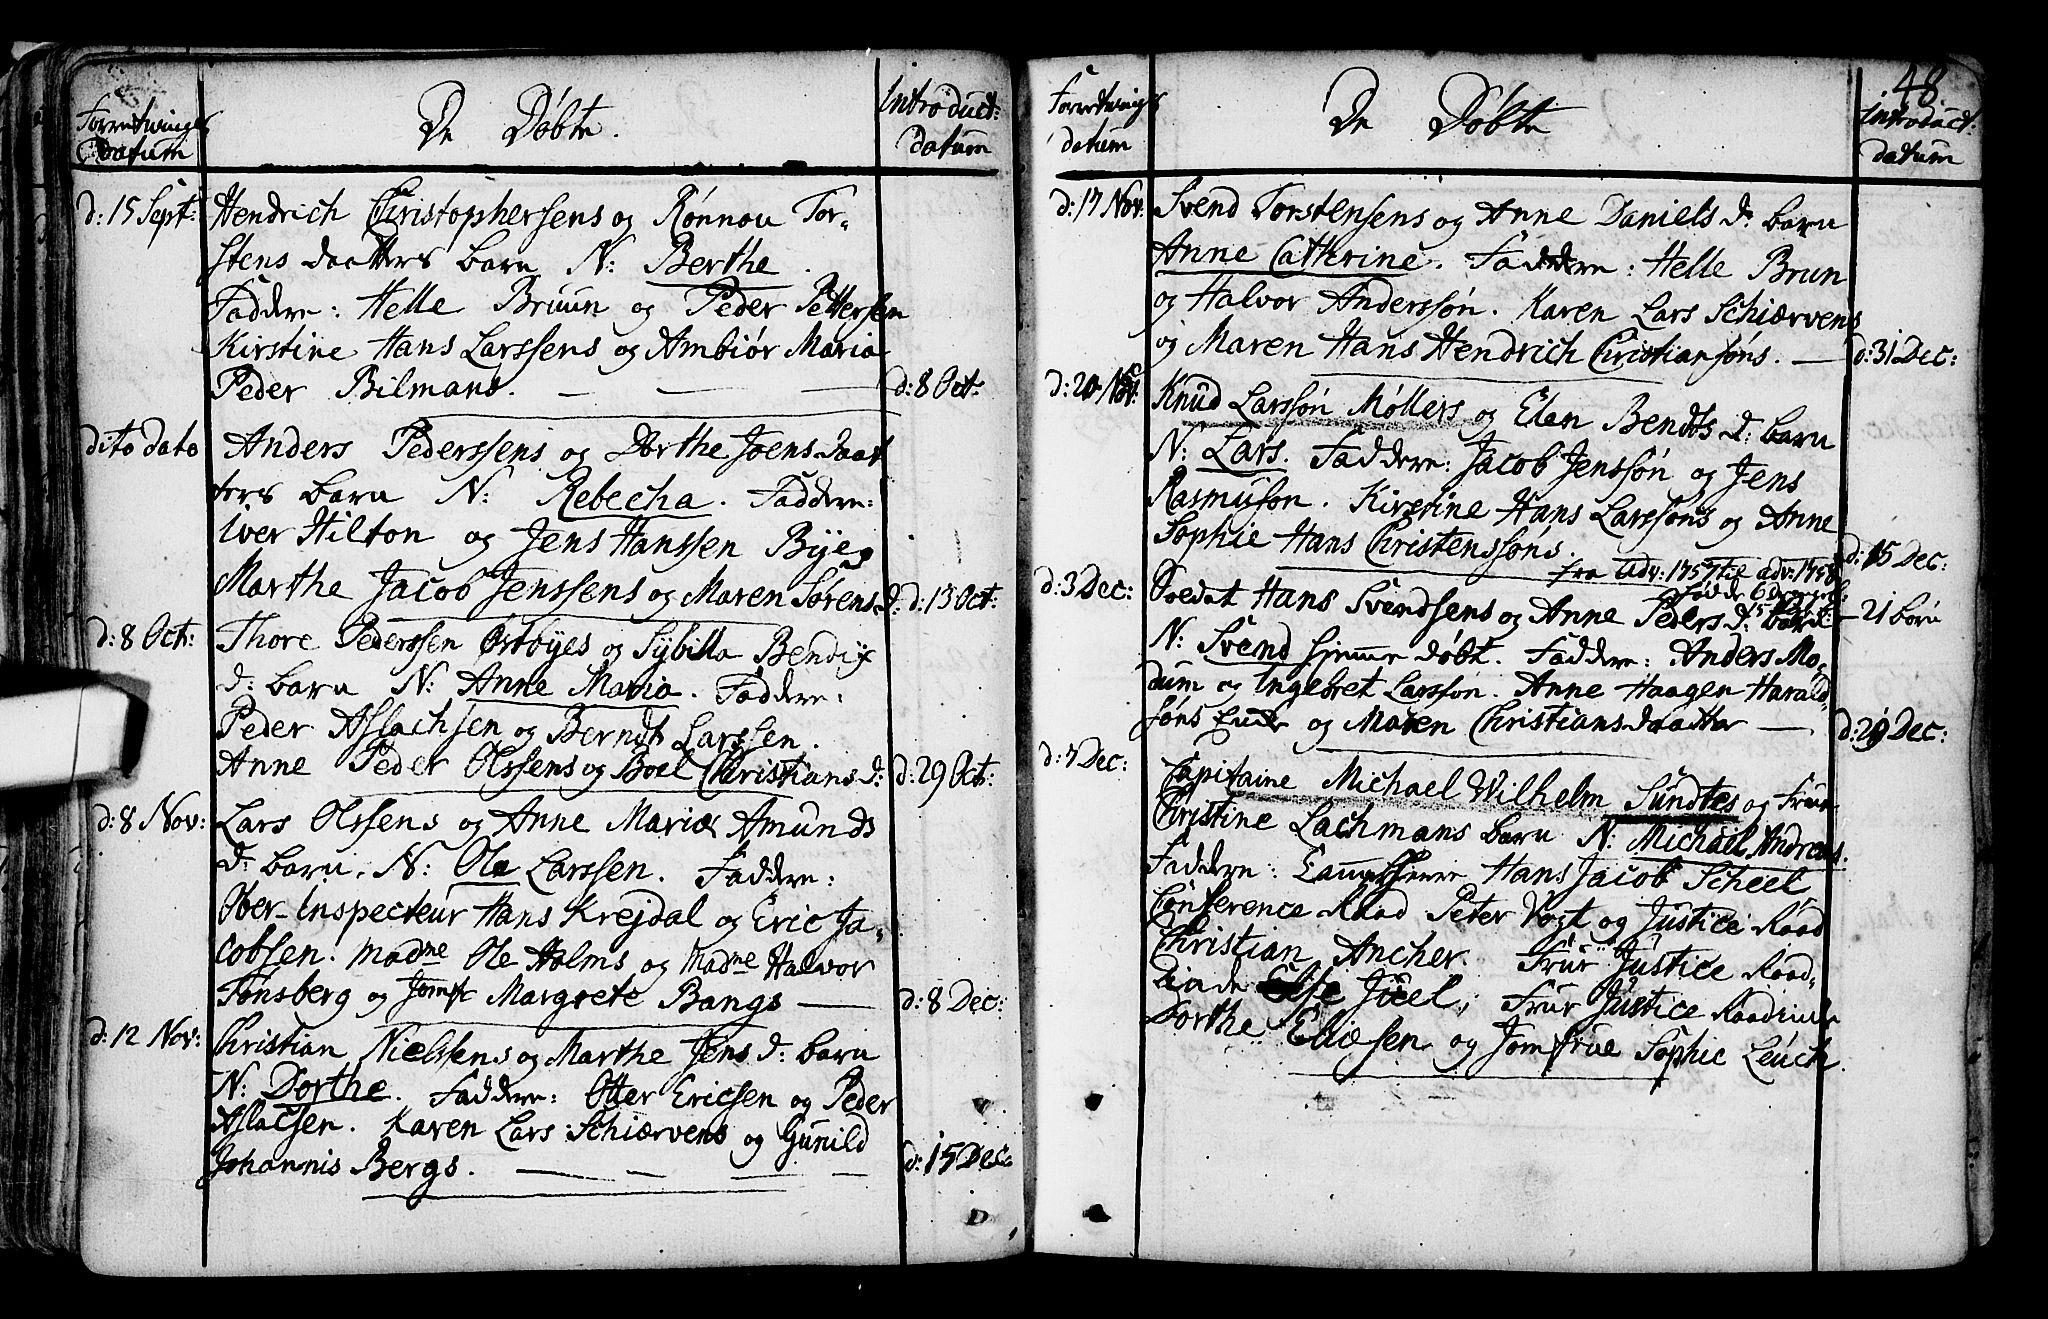 SAO, Gamlebyen prestekontor Kirkebøker, F/Fa/L0001: Ministerialbok nr. 1, 1734-1818, s. 48